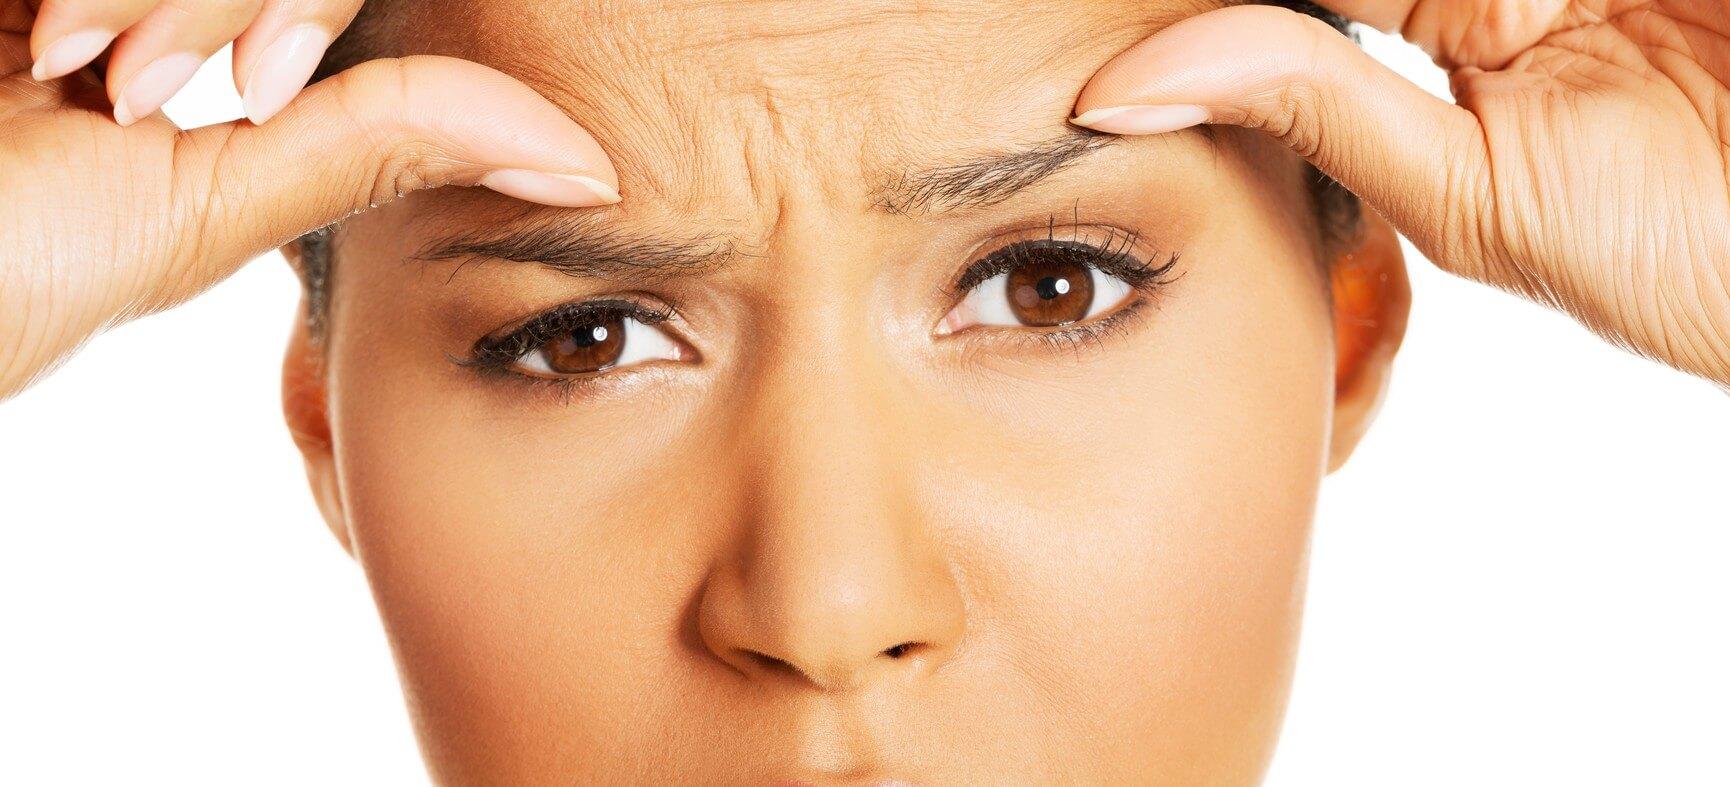 Как эффективно убрать морщины на лице в домашних условиях 40